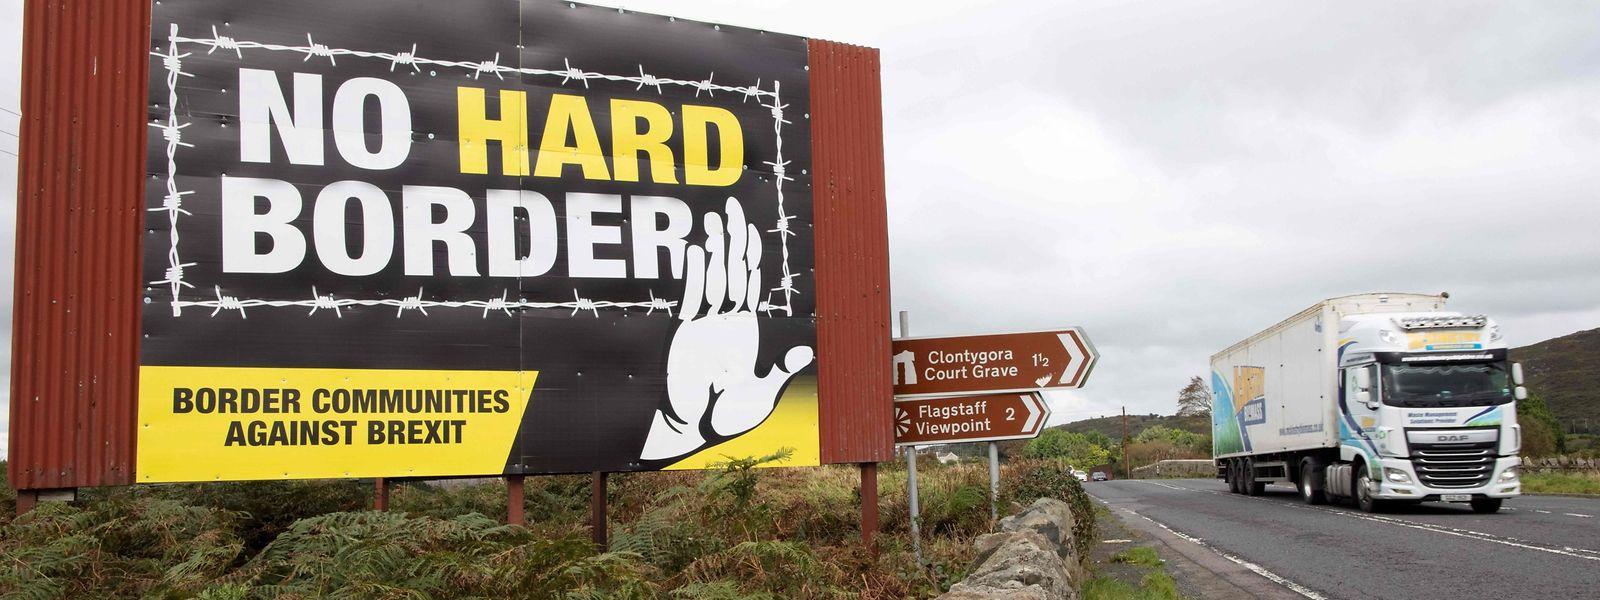 Im nordirischen Newry an der Grenze zu Irland wirbt ein Plakat gegen eine harte Grenze.